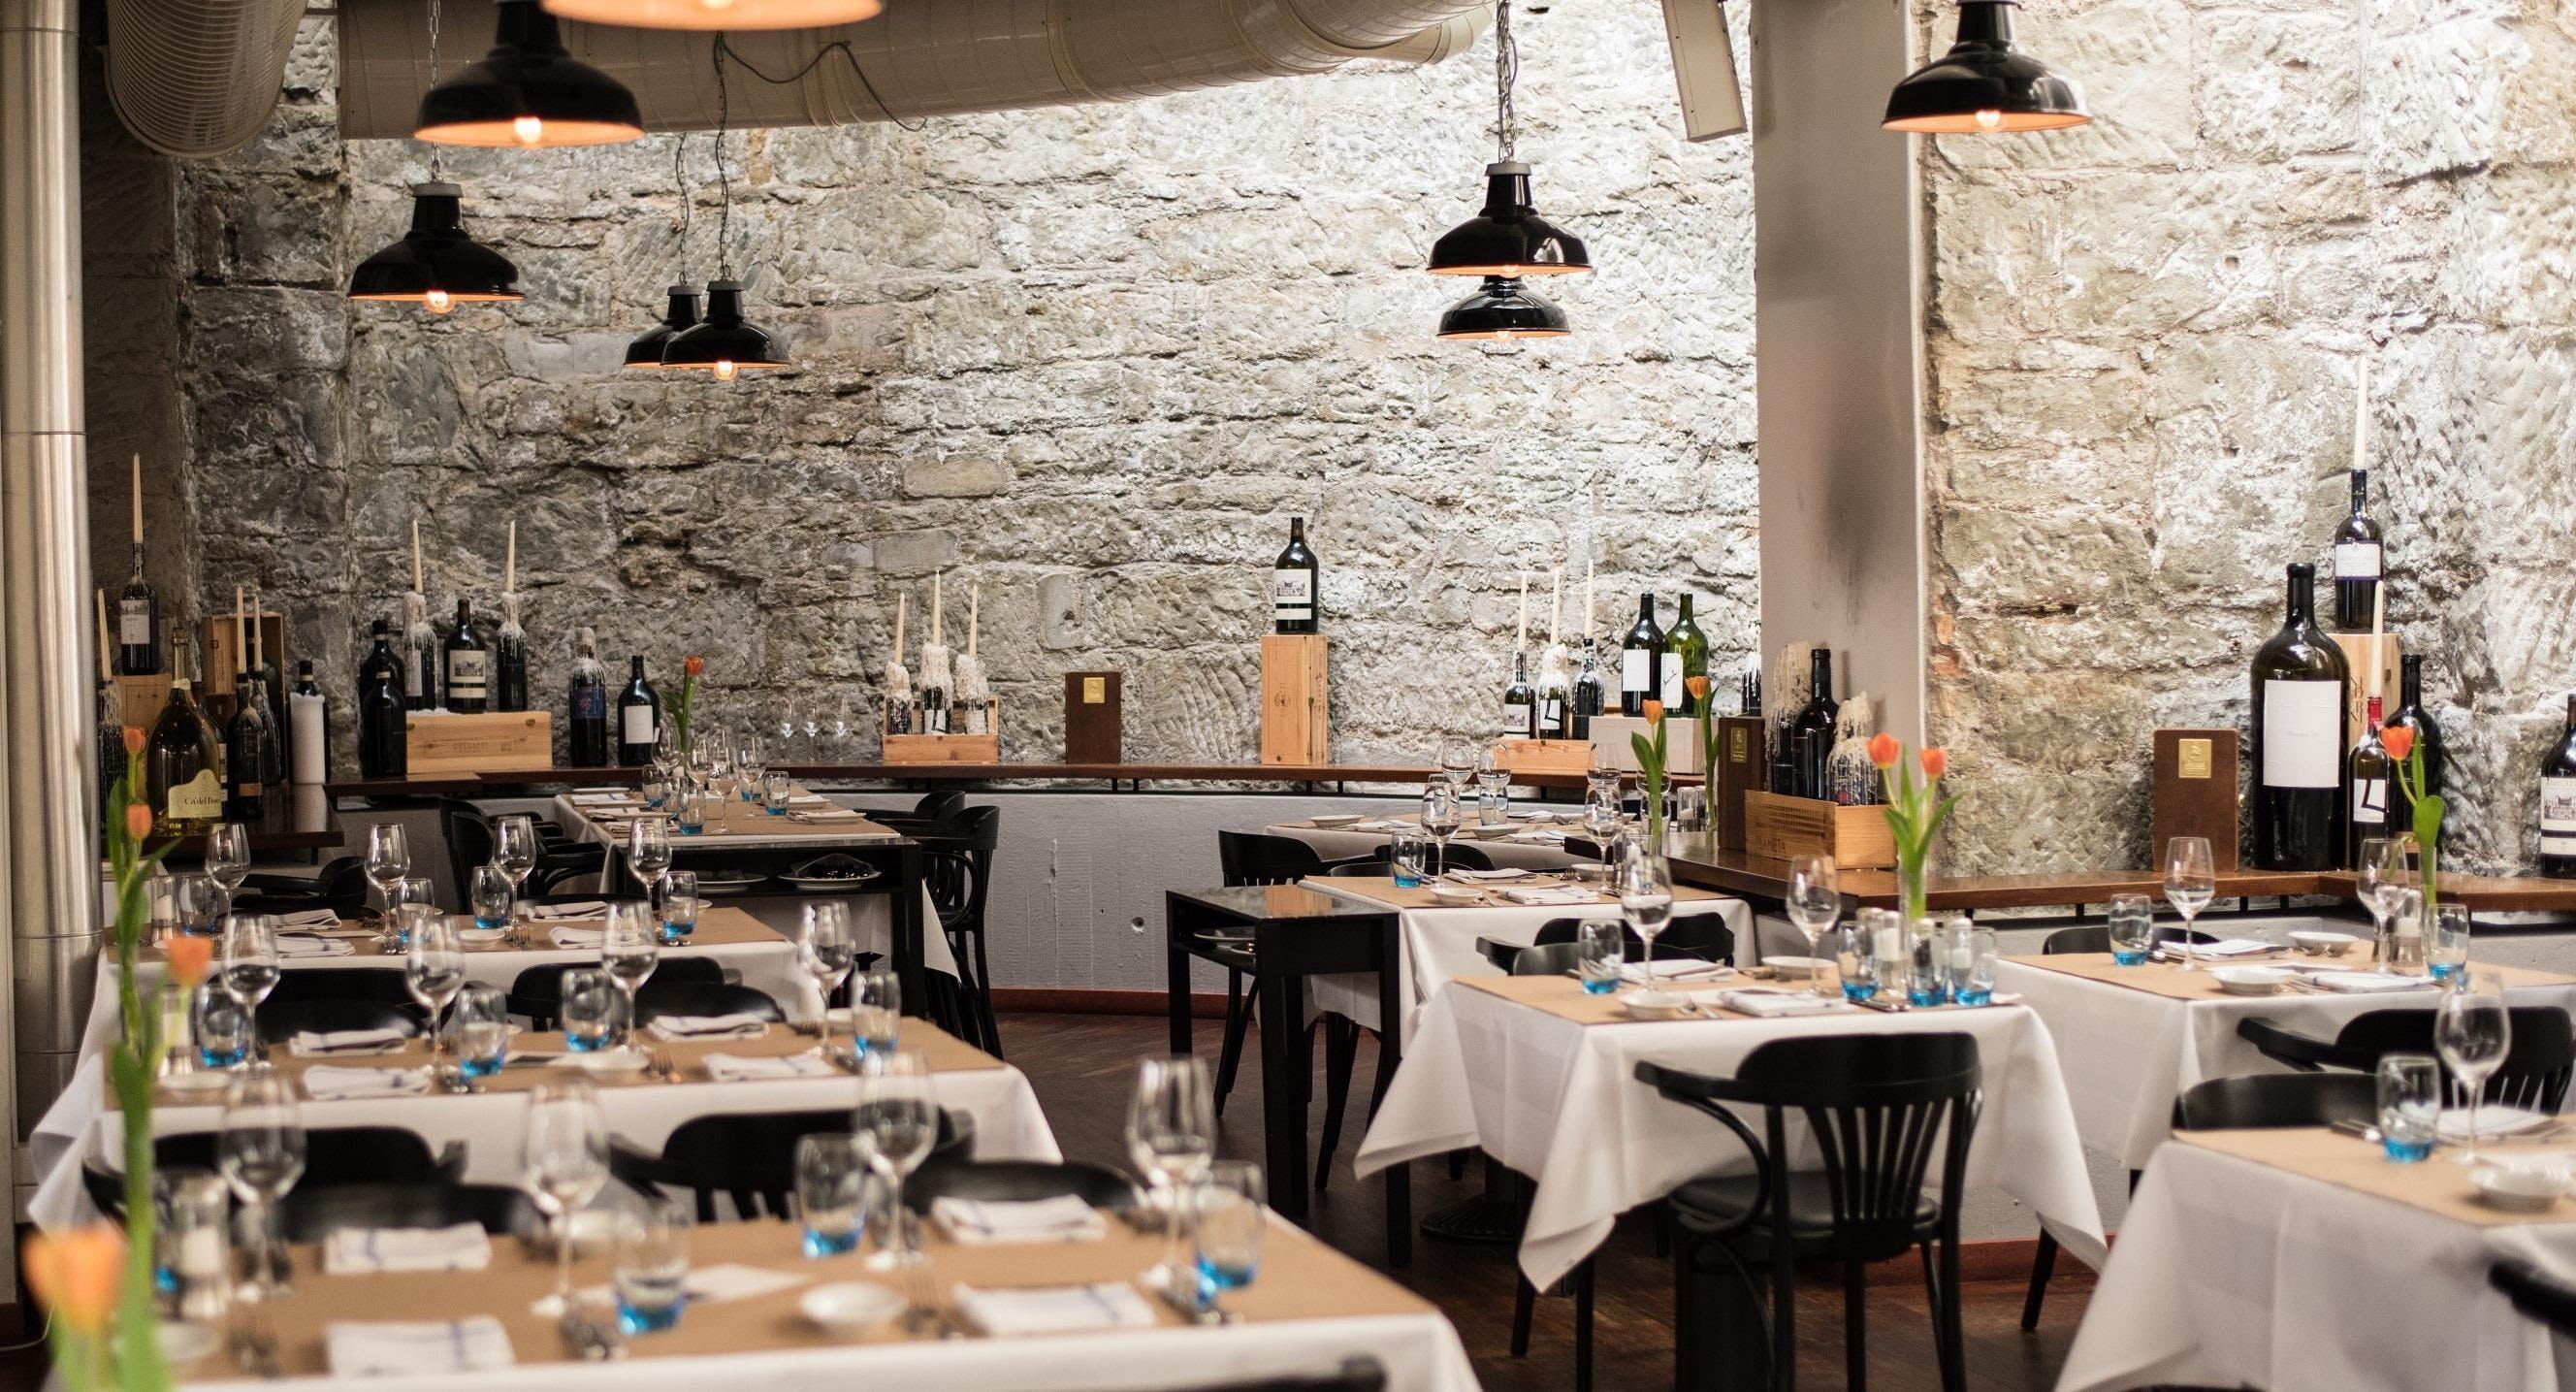 Restaurant Blaue Ente Zurich image 2